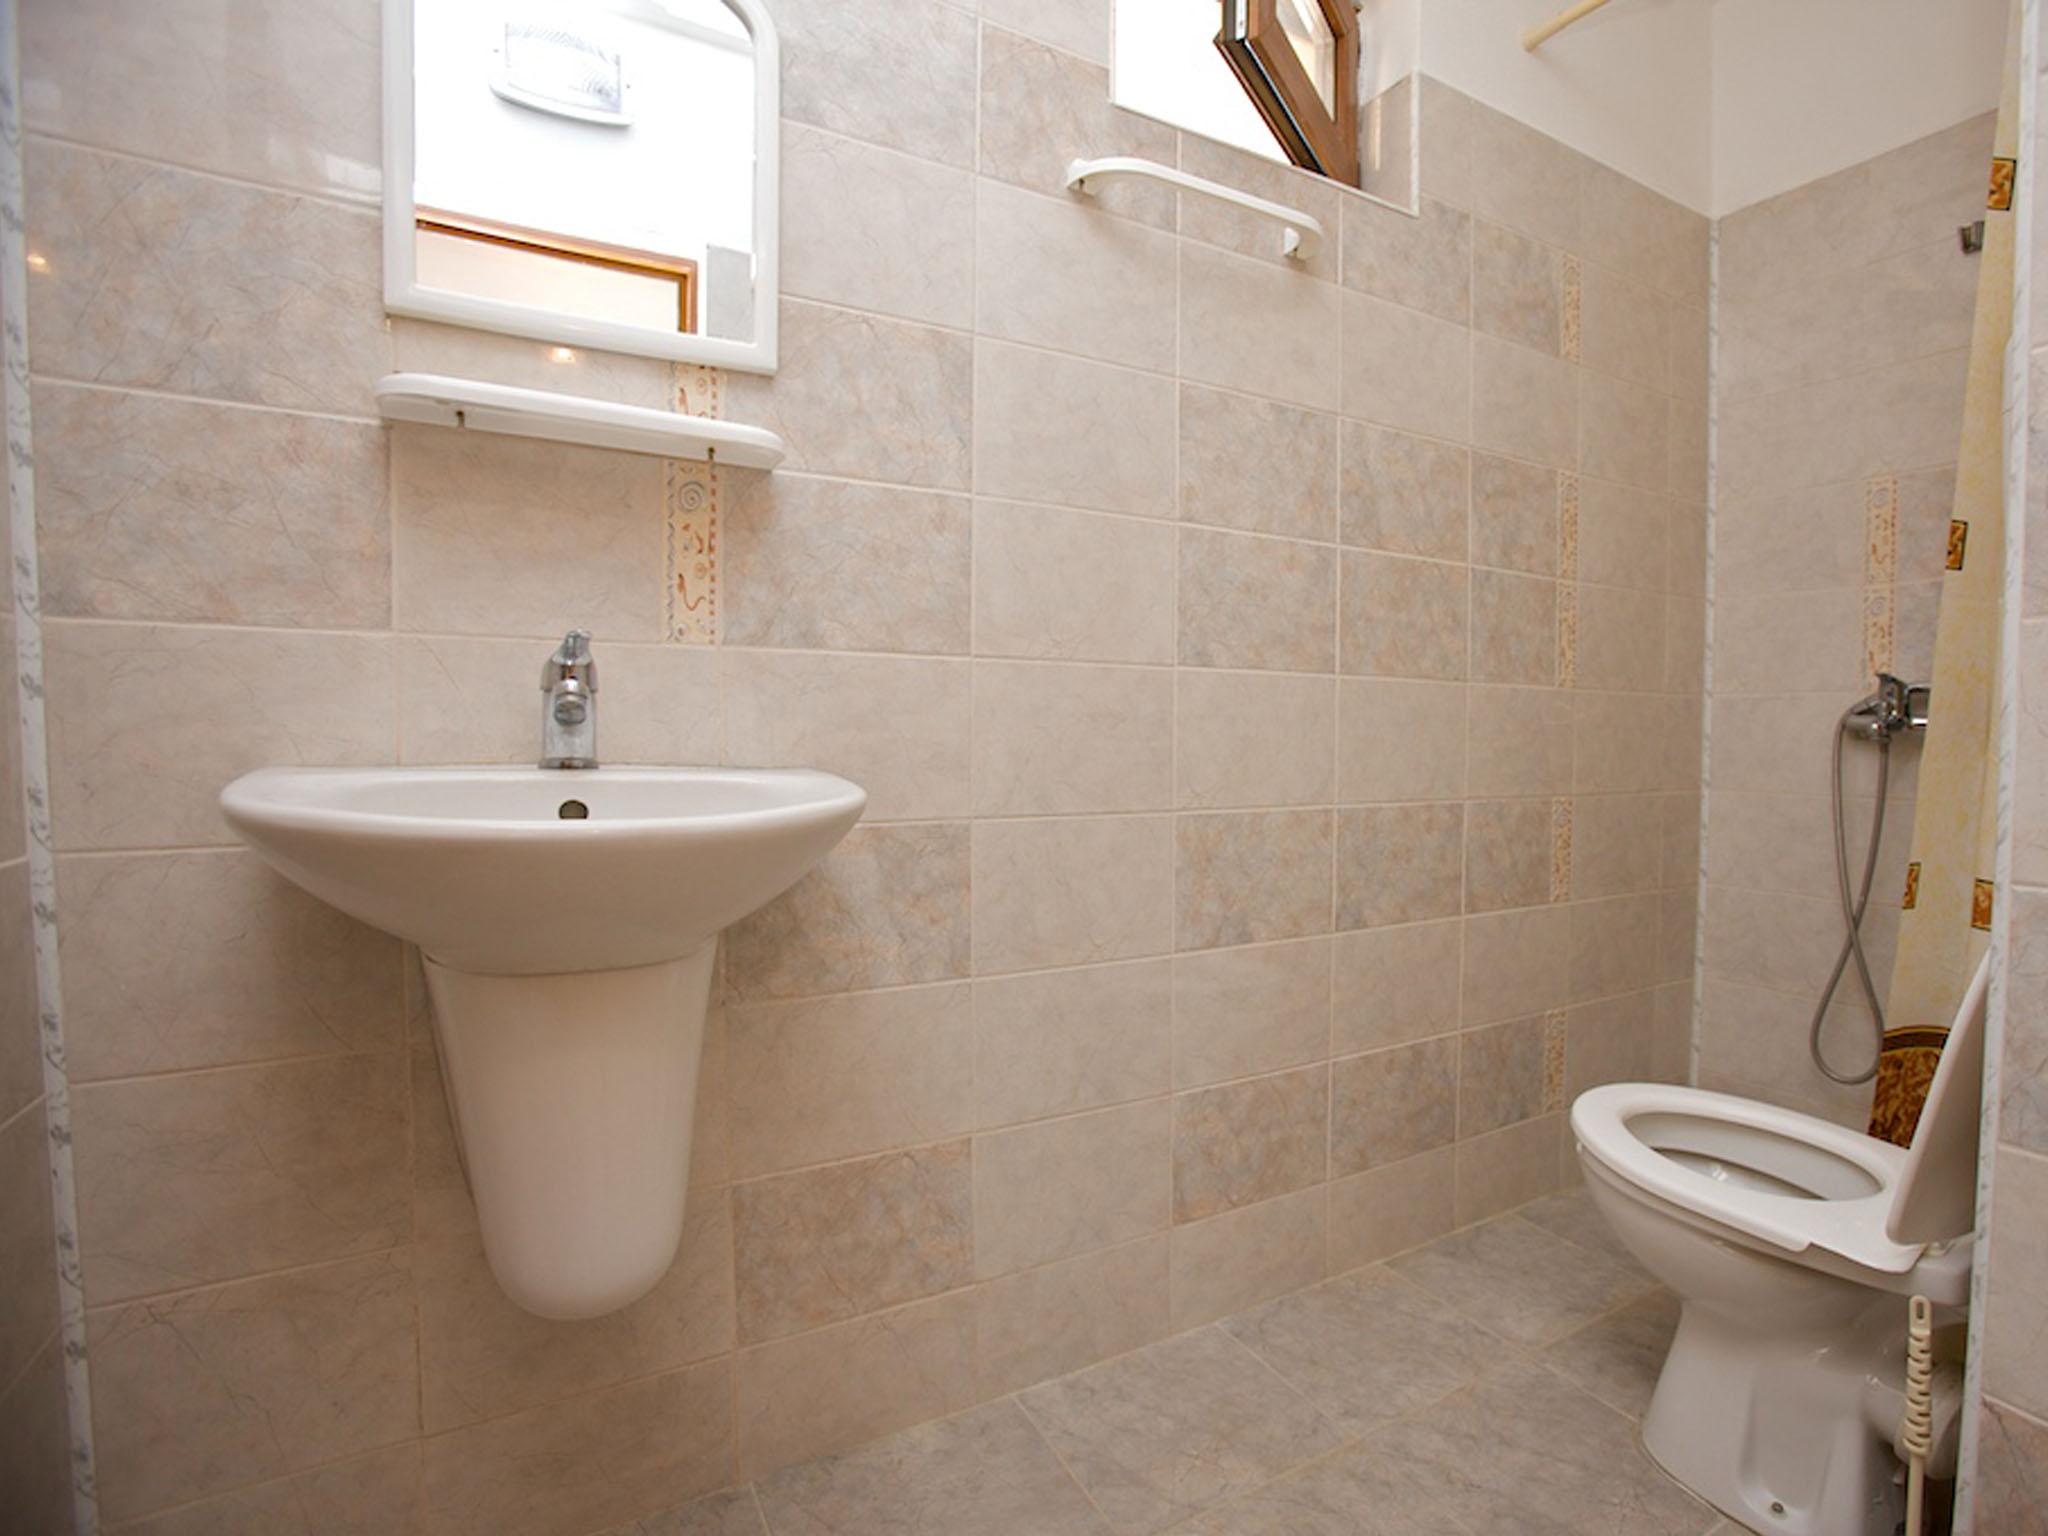 Слънчев Бряг Хотел с двойна стандартна стая с Баня с тоалетна